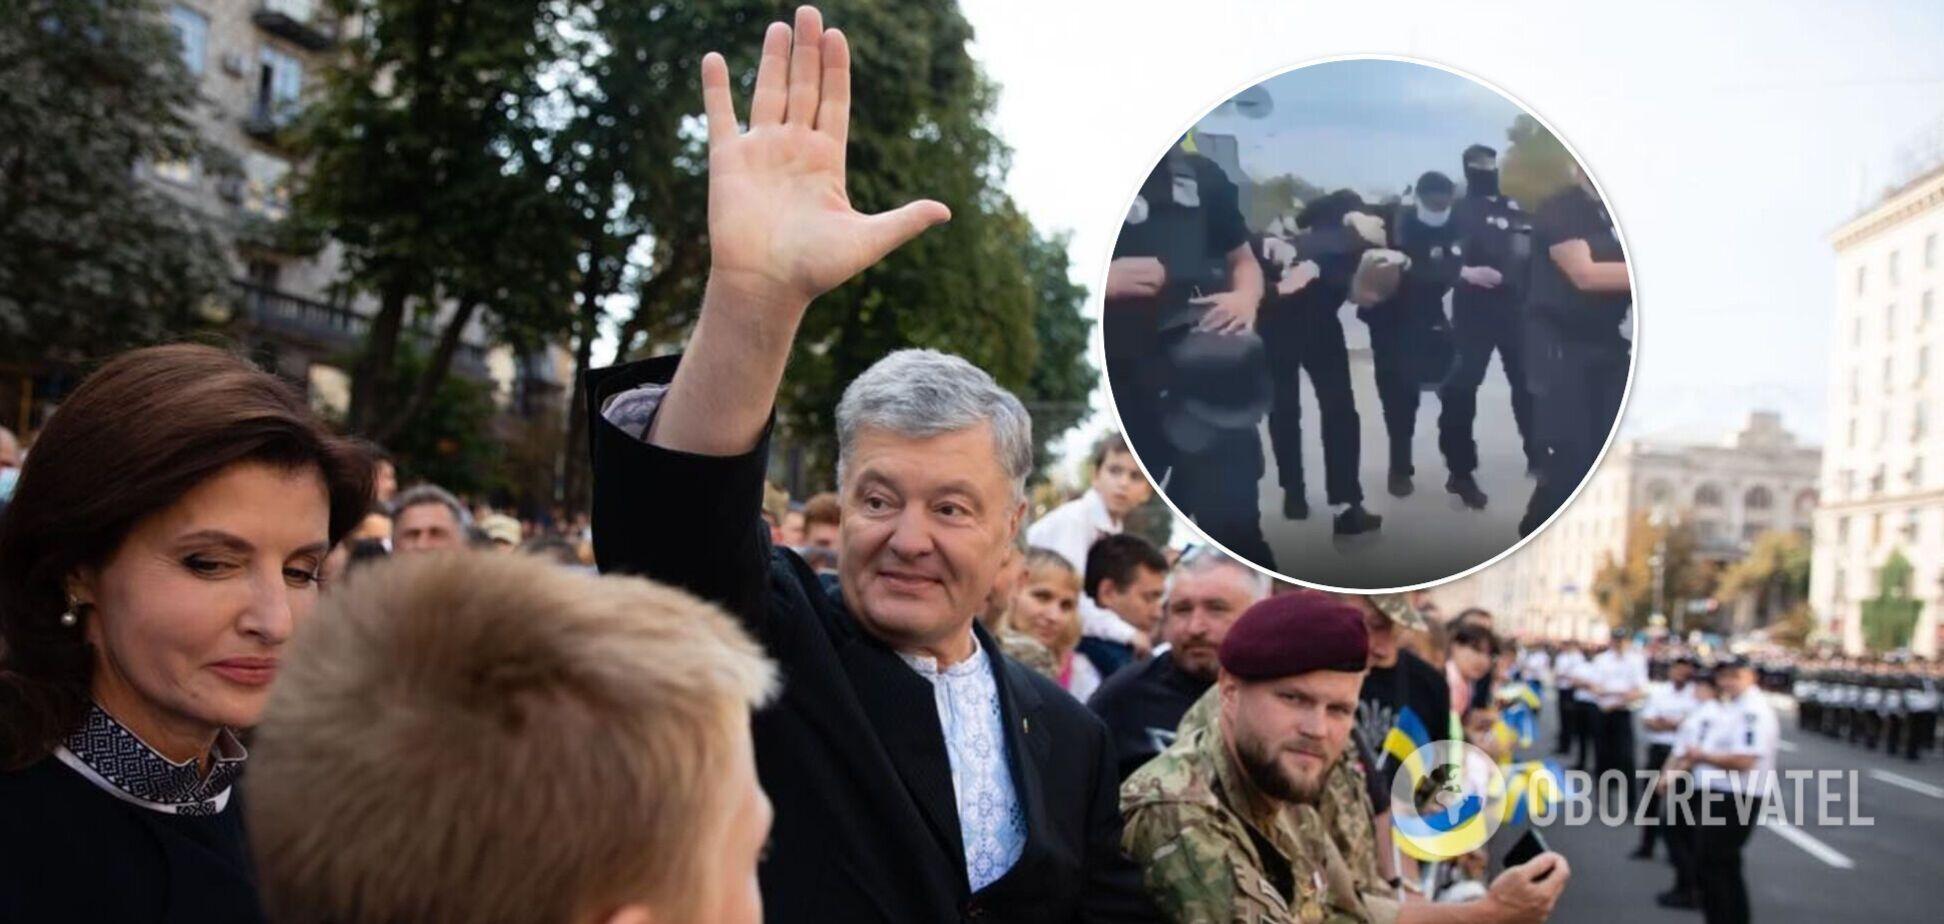 Перед інцидентом Порошенко брав участь в Марші захисників в Києві